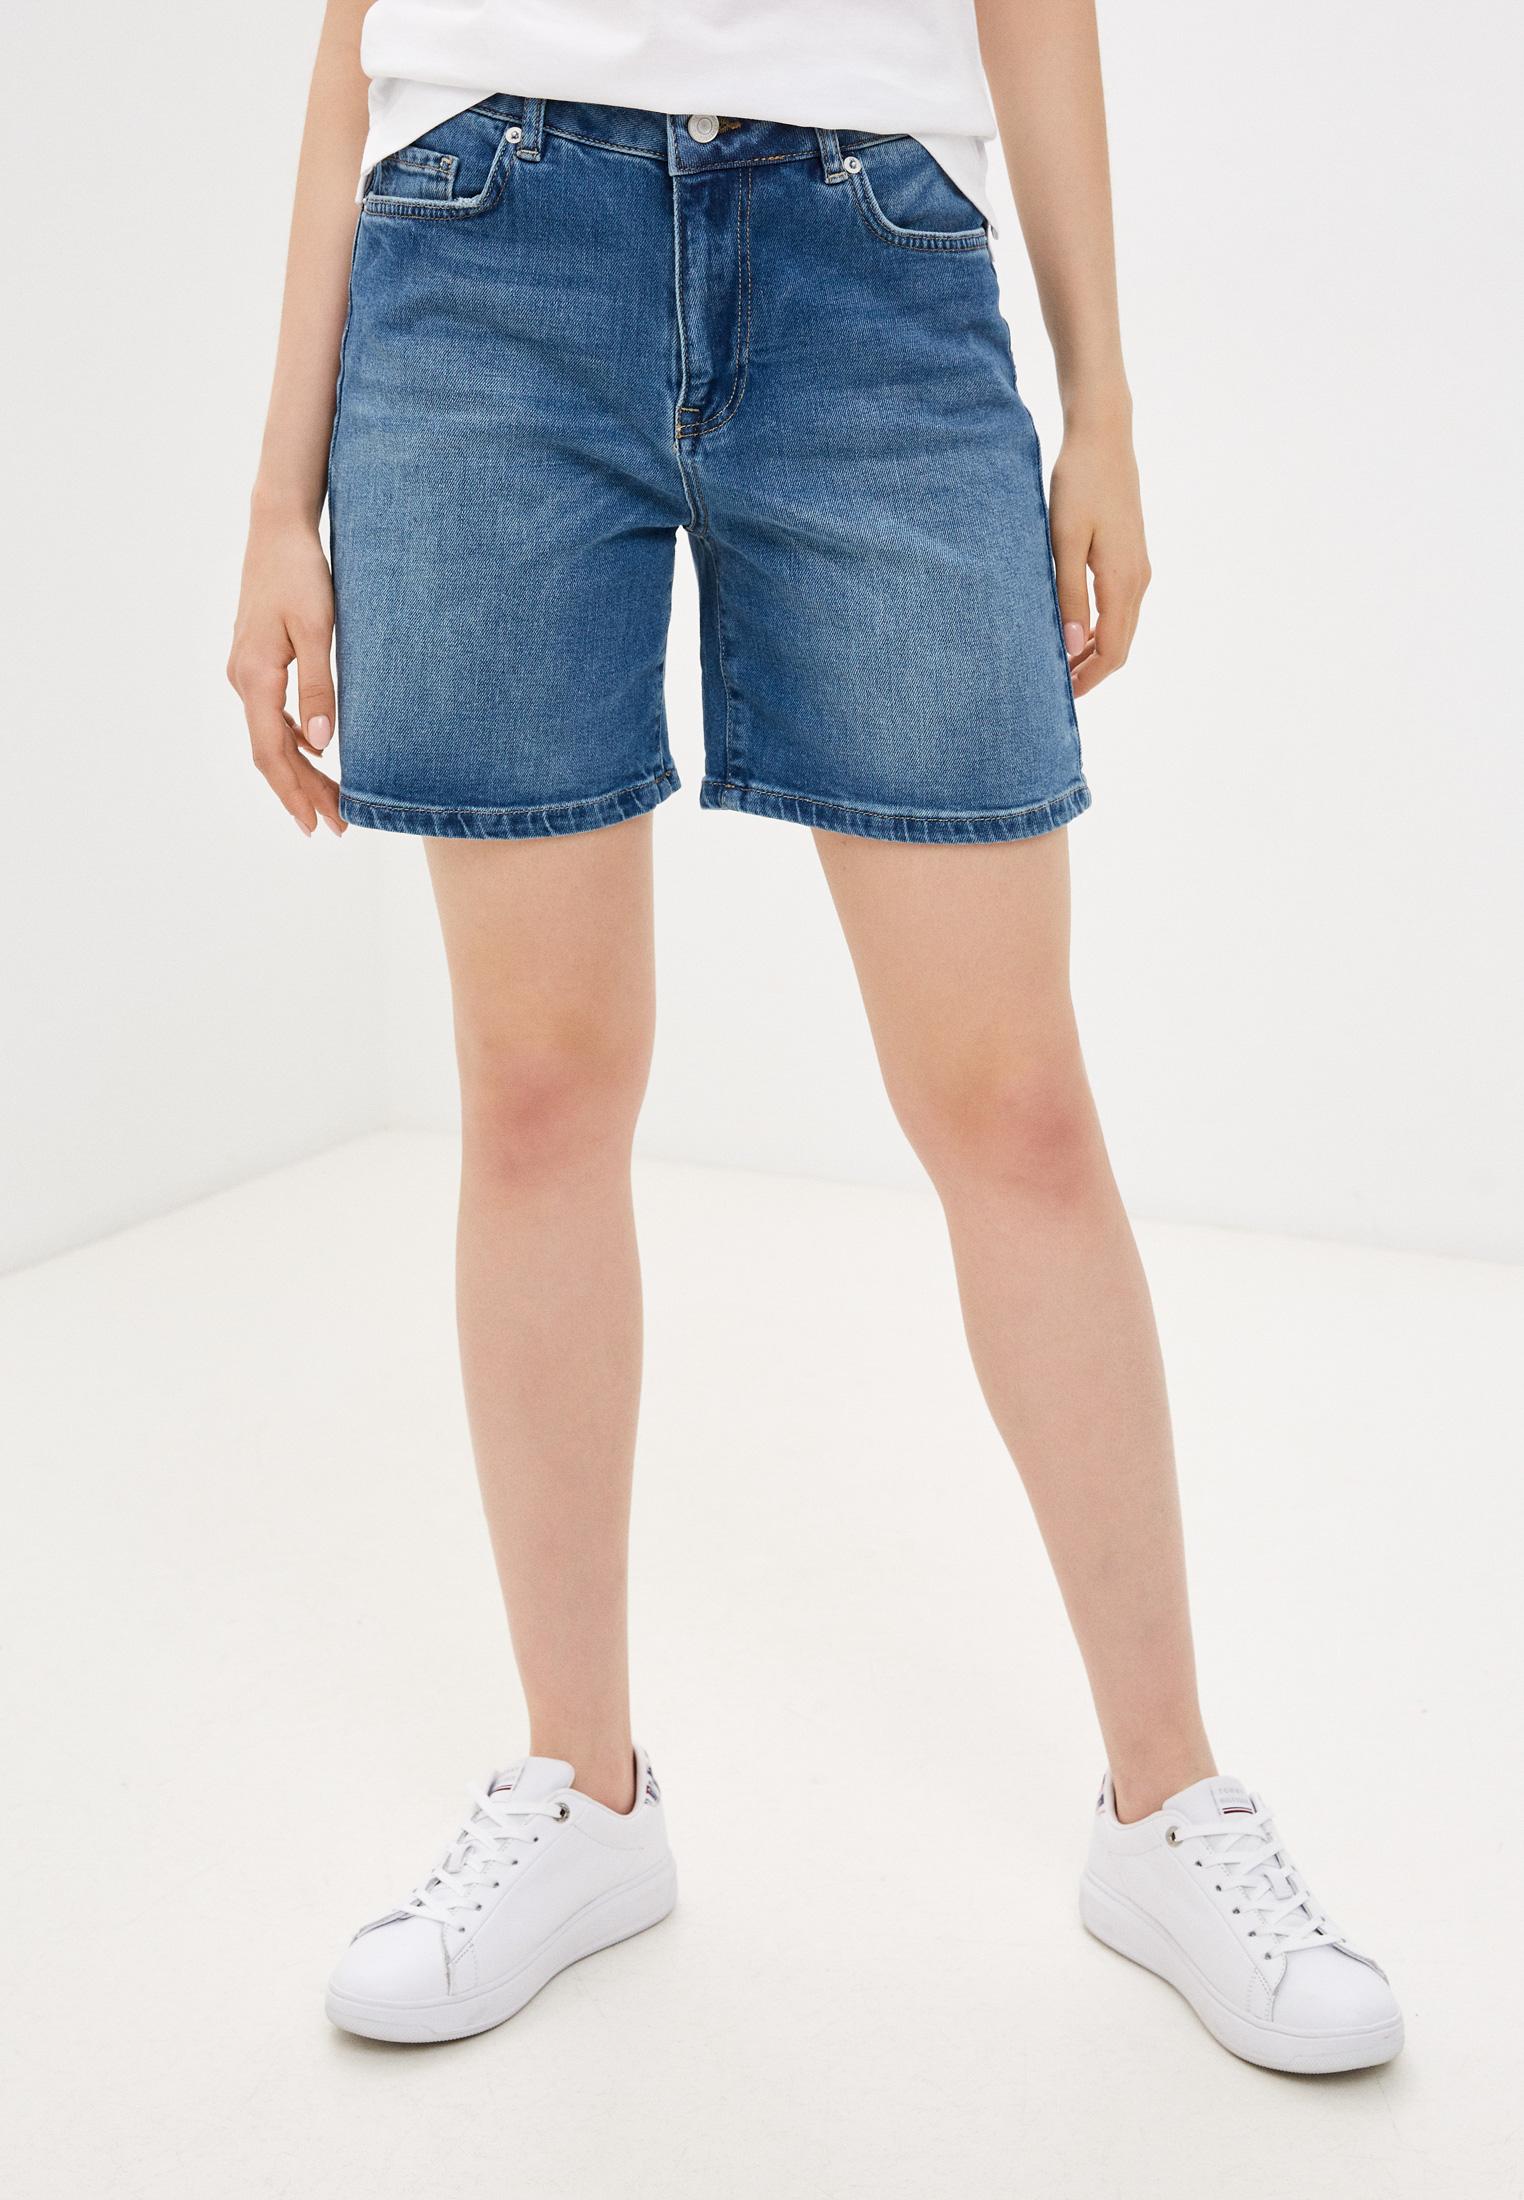 Женские джинсовые шорты Selected Femme Шорты джинсовые Selected Femme